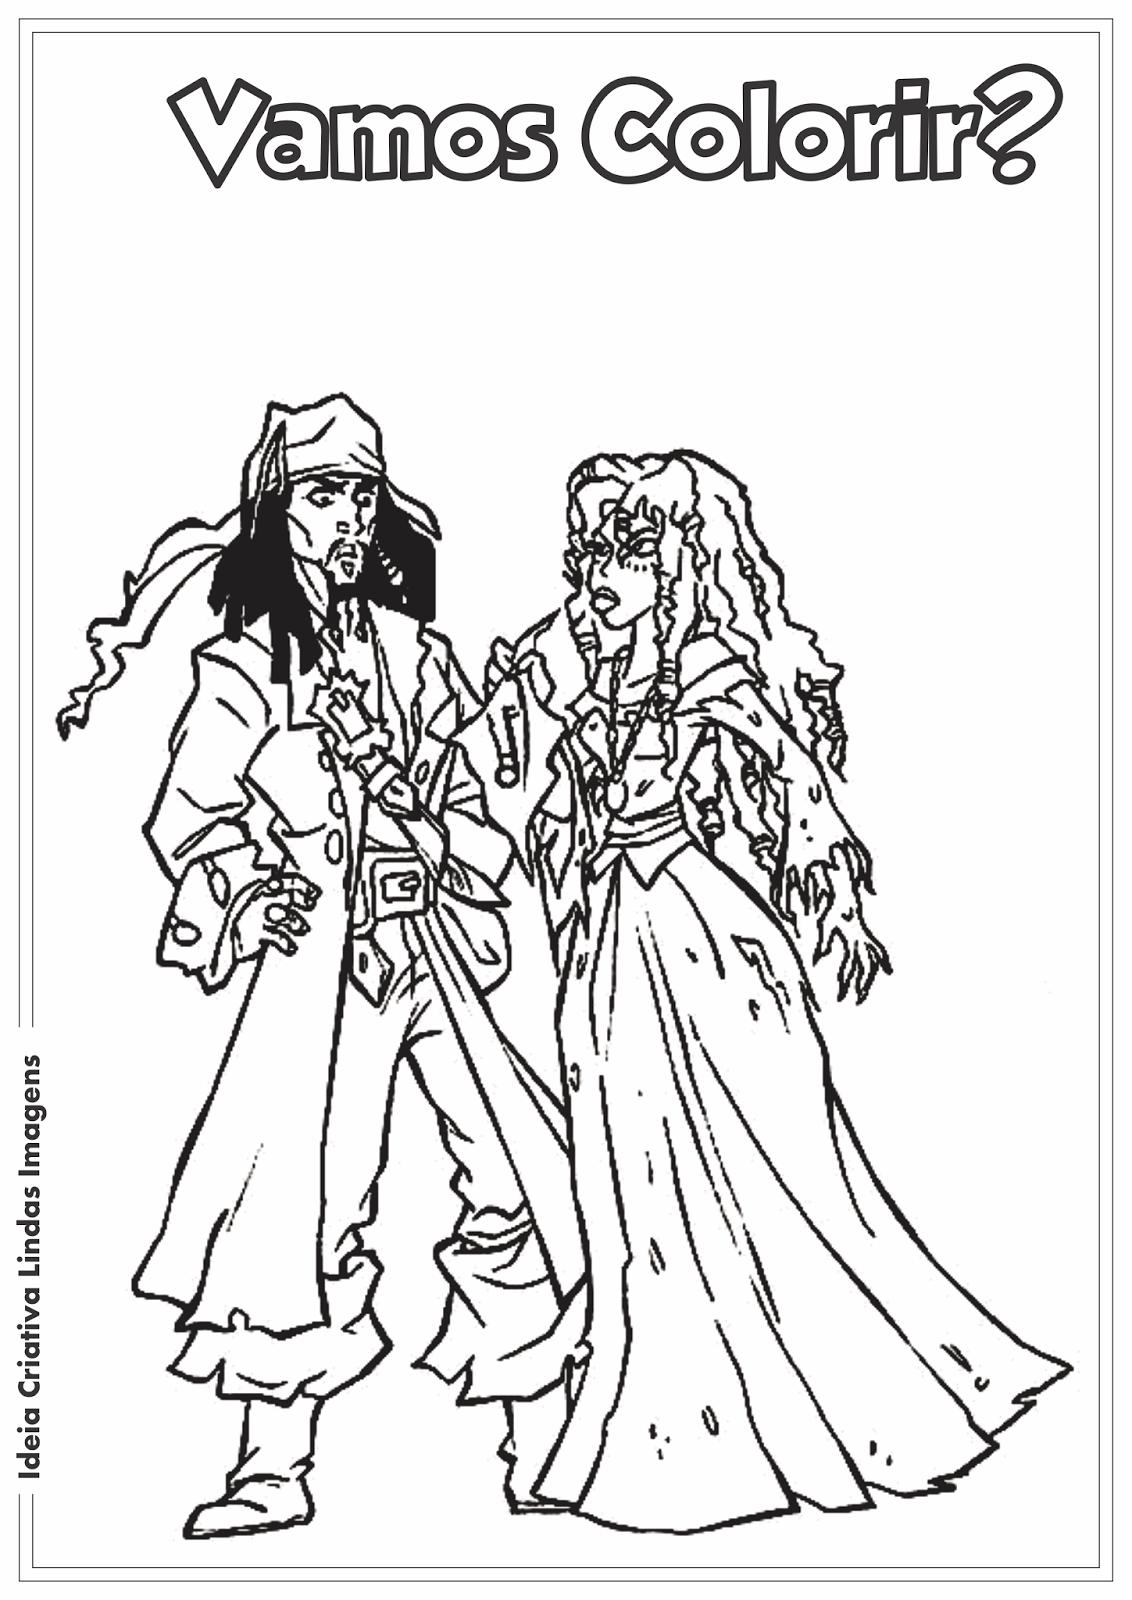 Desenho para colorir - Piratas do Caribe Jack Sparrow e Tia Dalma